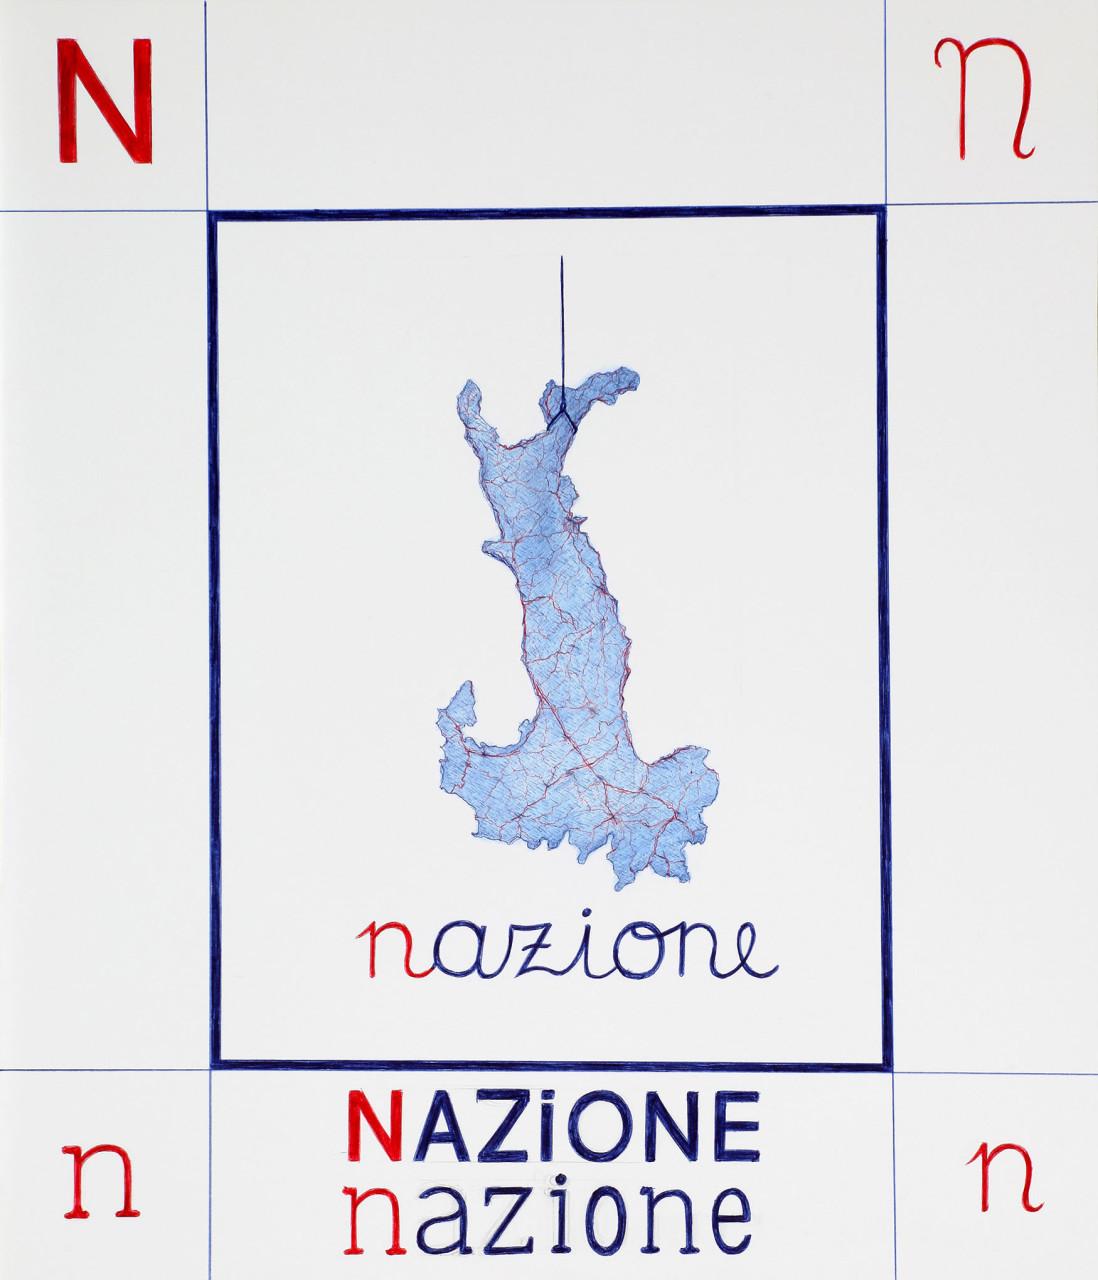 12N-nazione_bassa